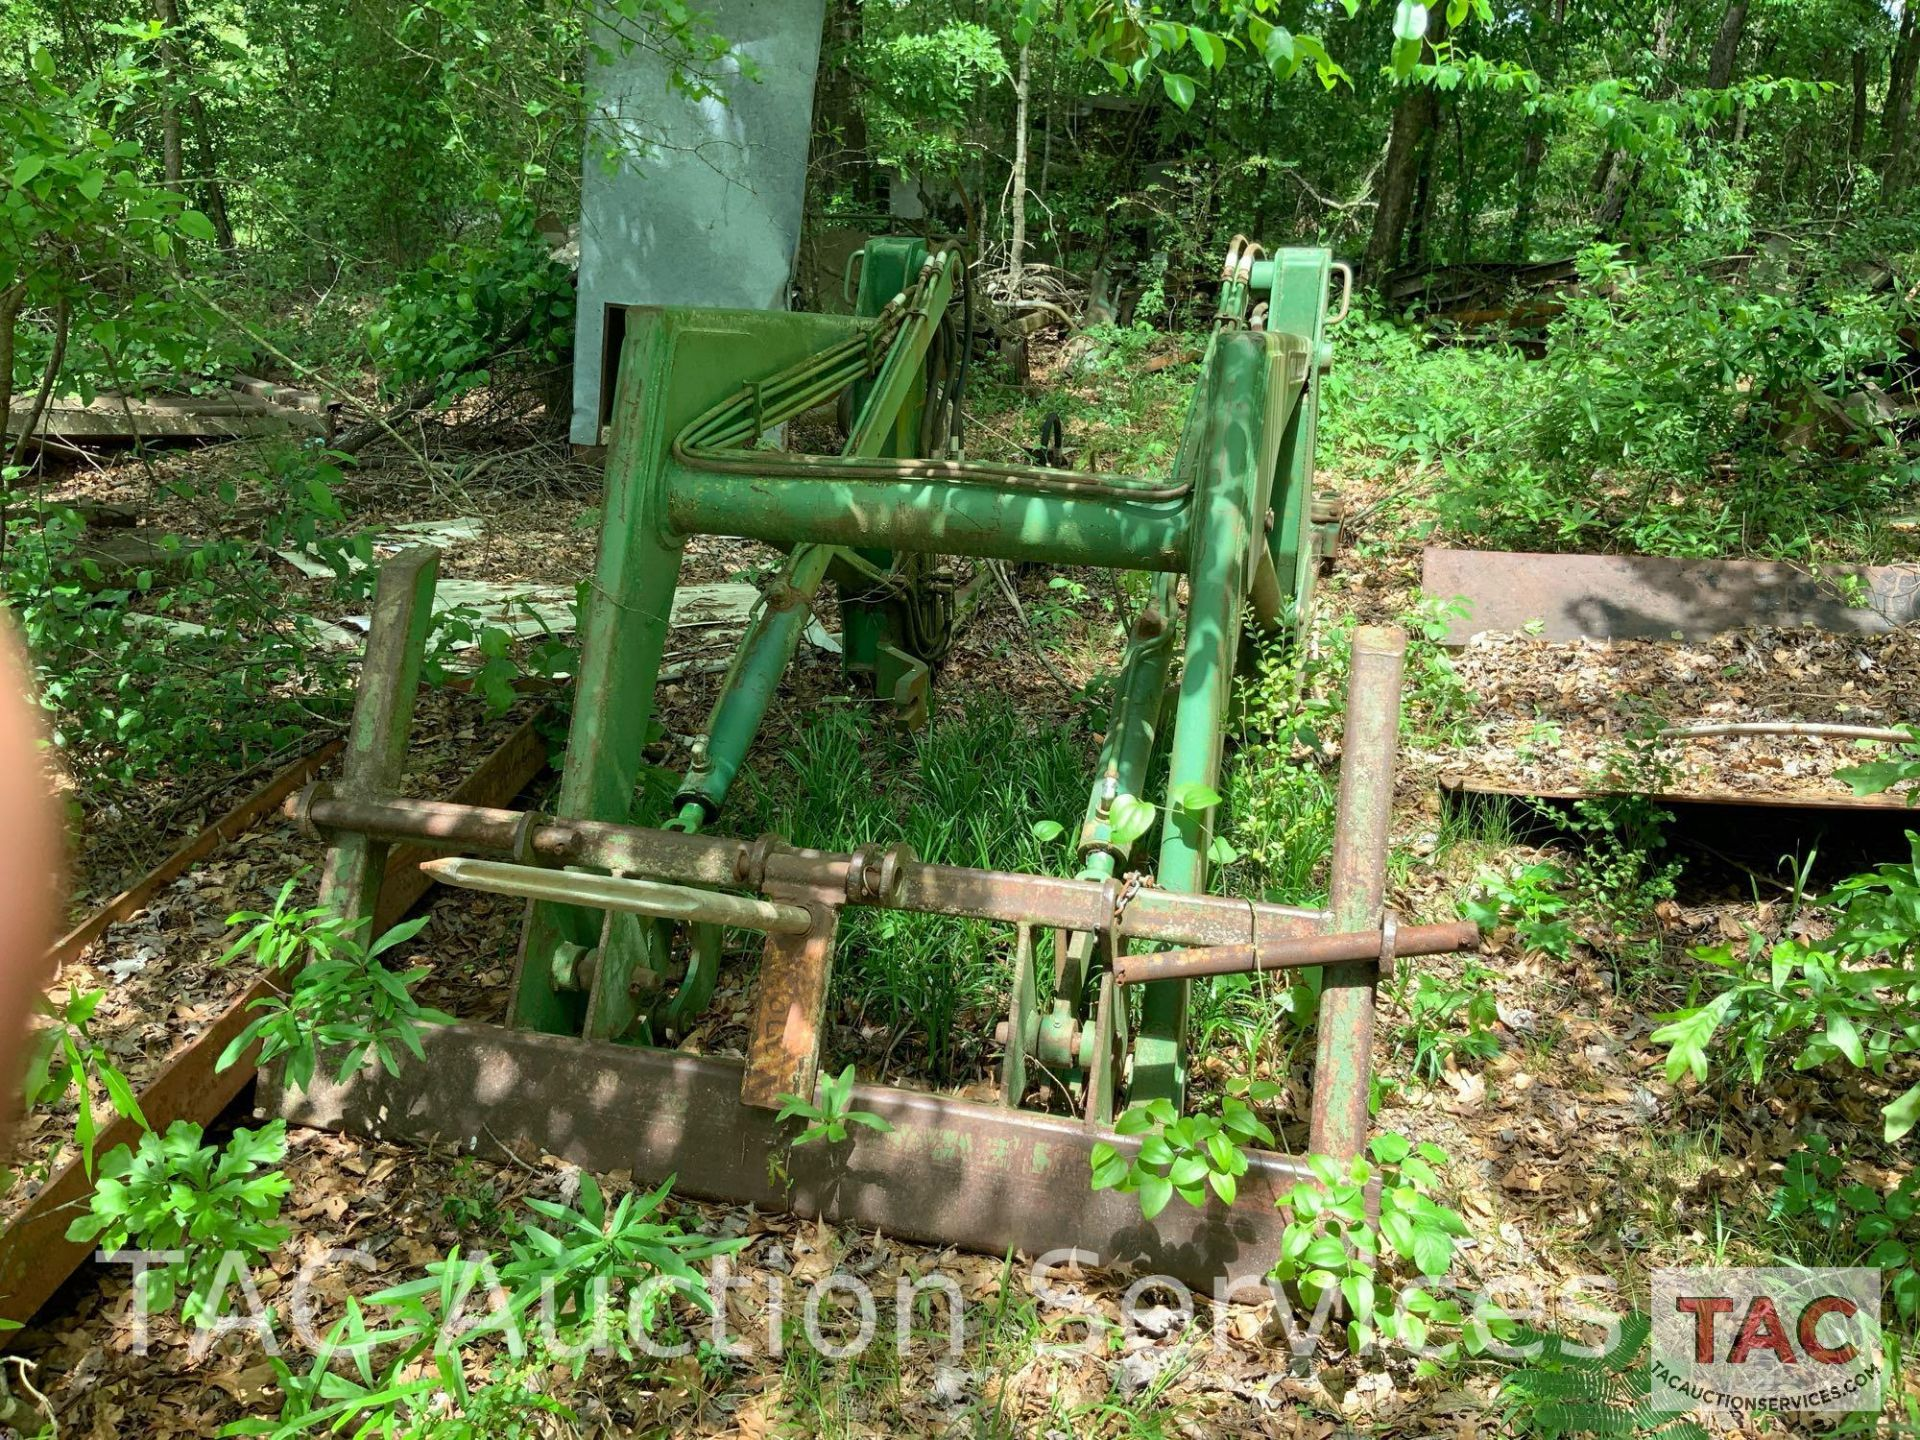 John Deere 4440 Tractor - Image 19 of 31